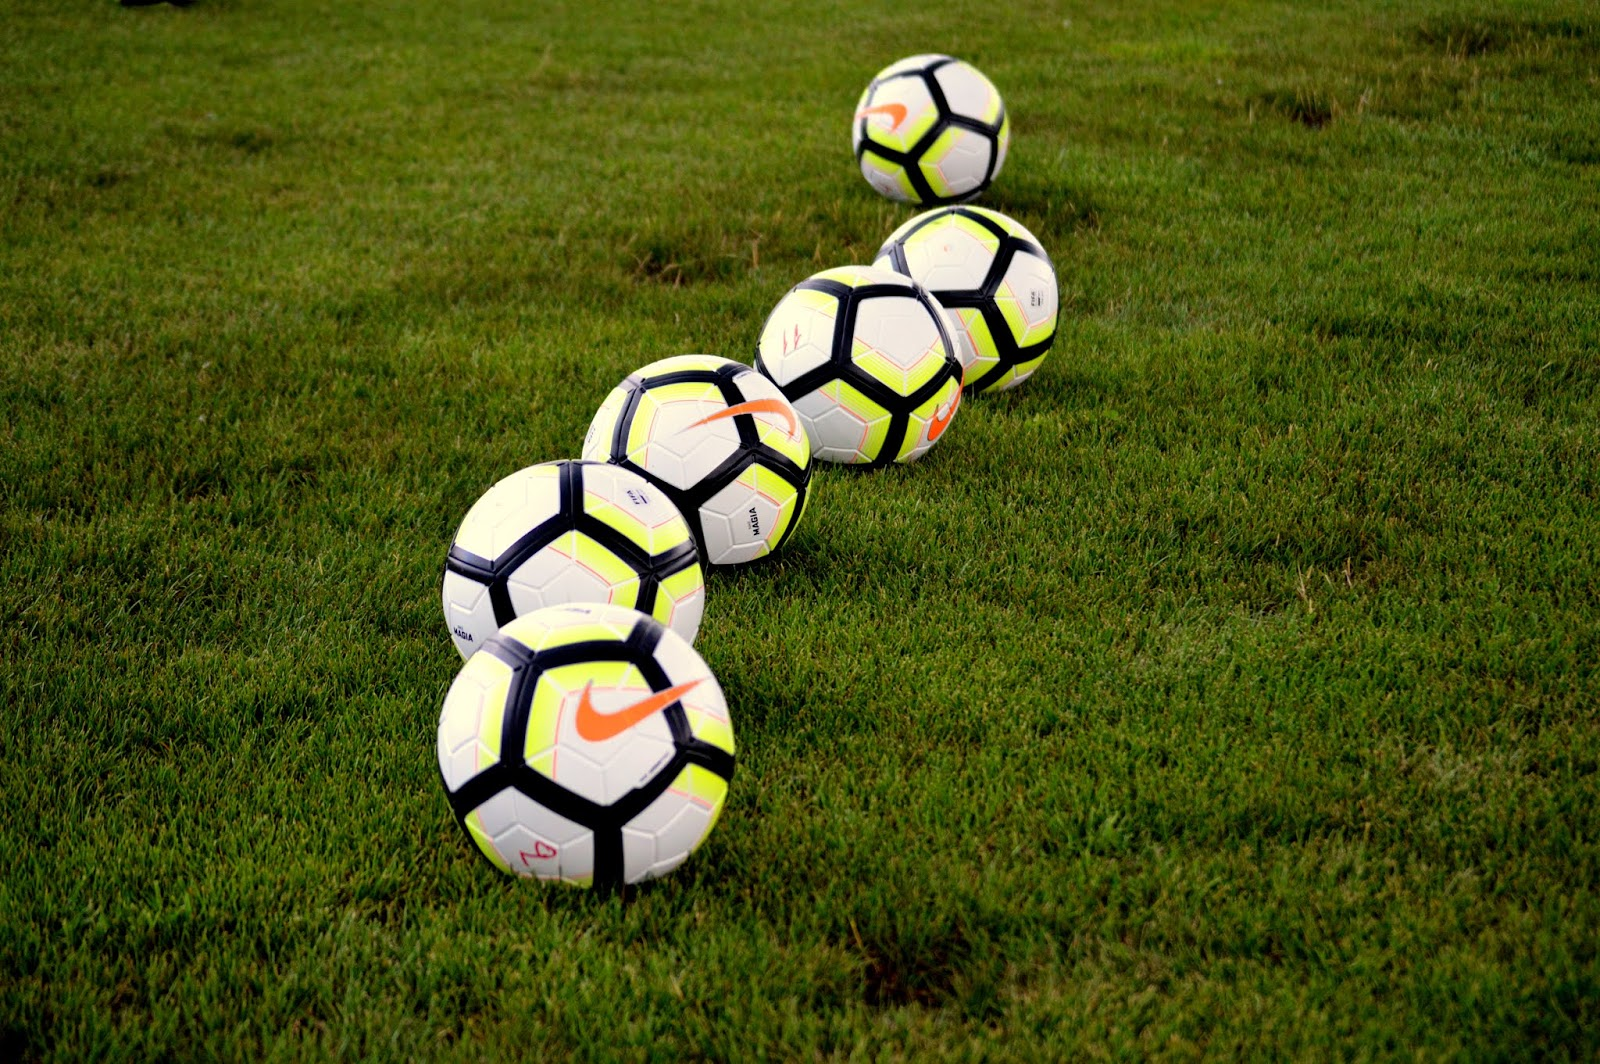 Μπάλες ποδοσφαίρου